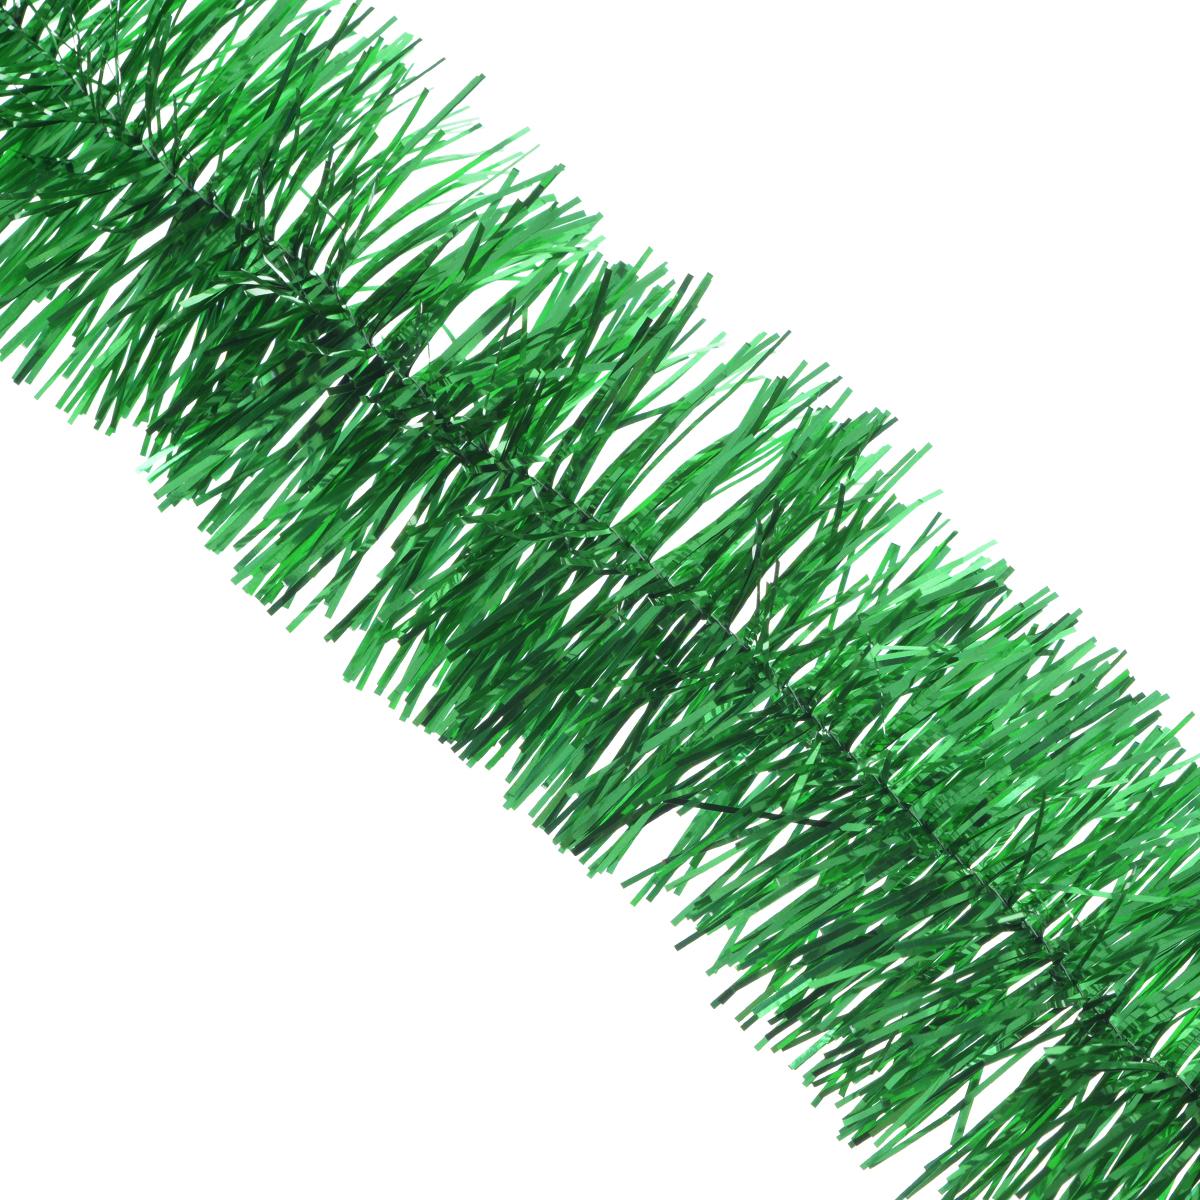 """Новогодняя мишура """"Sima-land"""", выполненная из фольги, поможет вам украсить свой дом к предстоящим праздникам. А новогодняя елка с таким украшением станет еще наряднее. Мишура армирована, то есть имеет проволоку внутри и способна сохранять любую форму, которую вы ей придадите.  Новогодней мишурой можно украсить все, что угодно - елку, квартиру, дачу, офис - как внутри, так и снаружи. Можно сложить новогодние поздравления, буквы и цифры, мишурой можно украсить и дополнить гирлянды, можно выделить дверные колонны, оплести дверные проемы."""